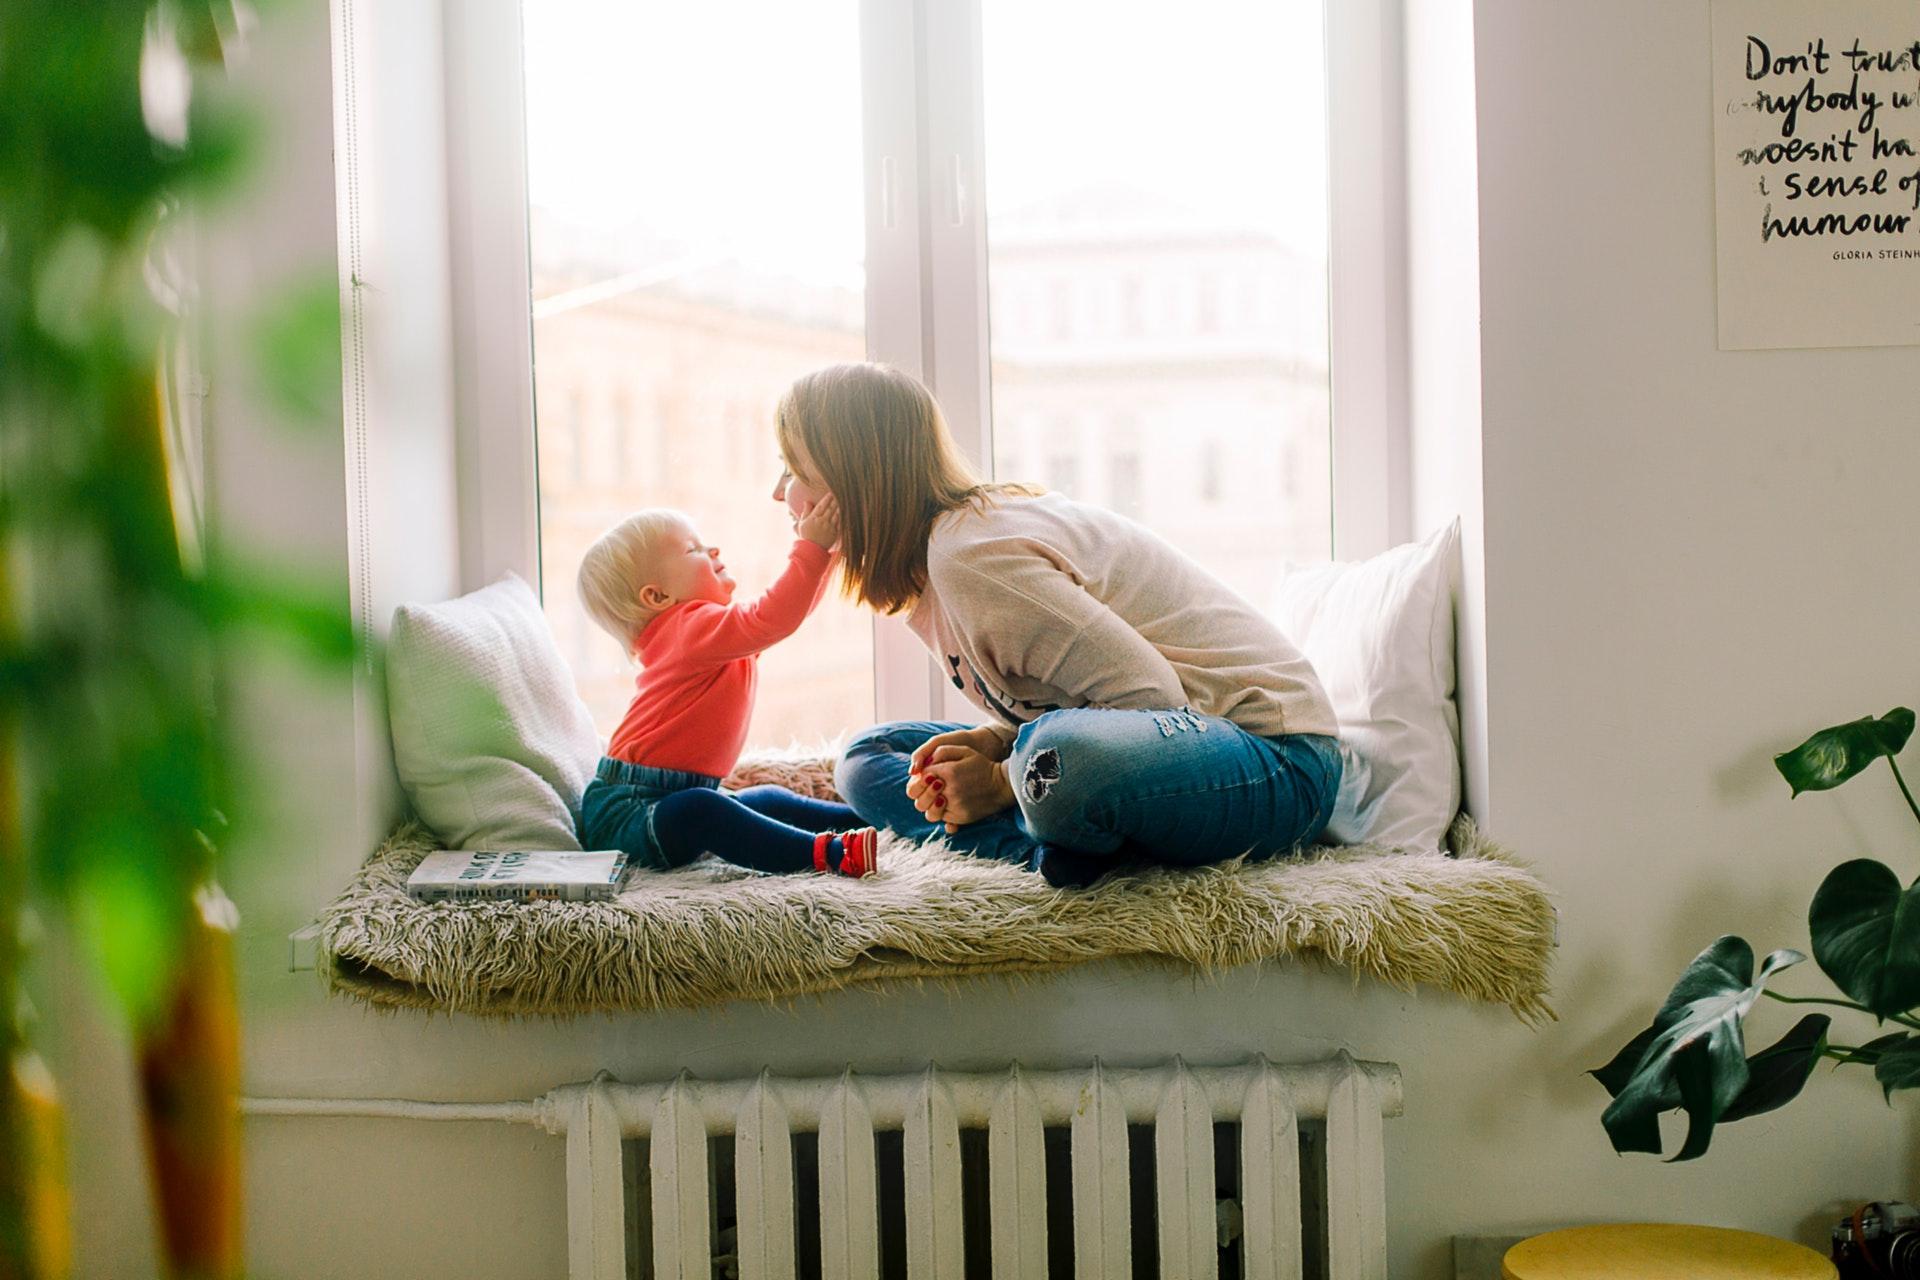 Imagem mostra bebê com as mãos na cara da mãe enquanto estão sentados perto da janela